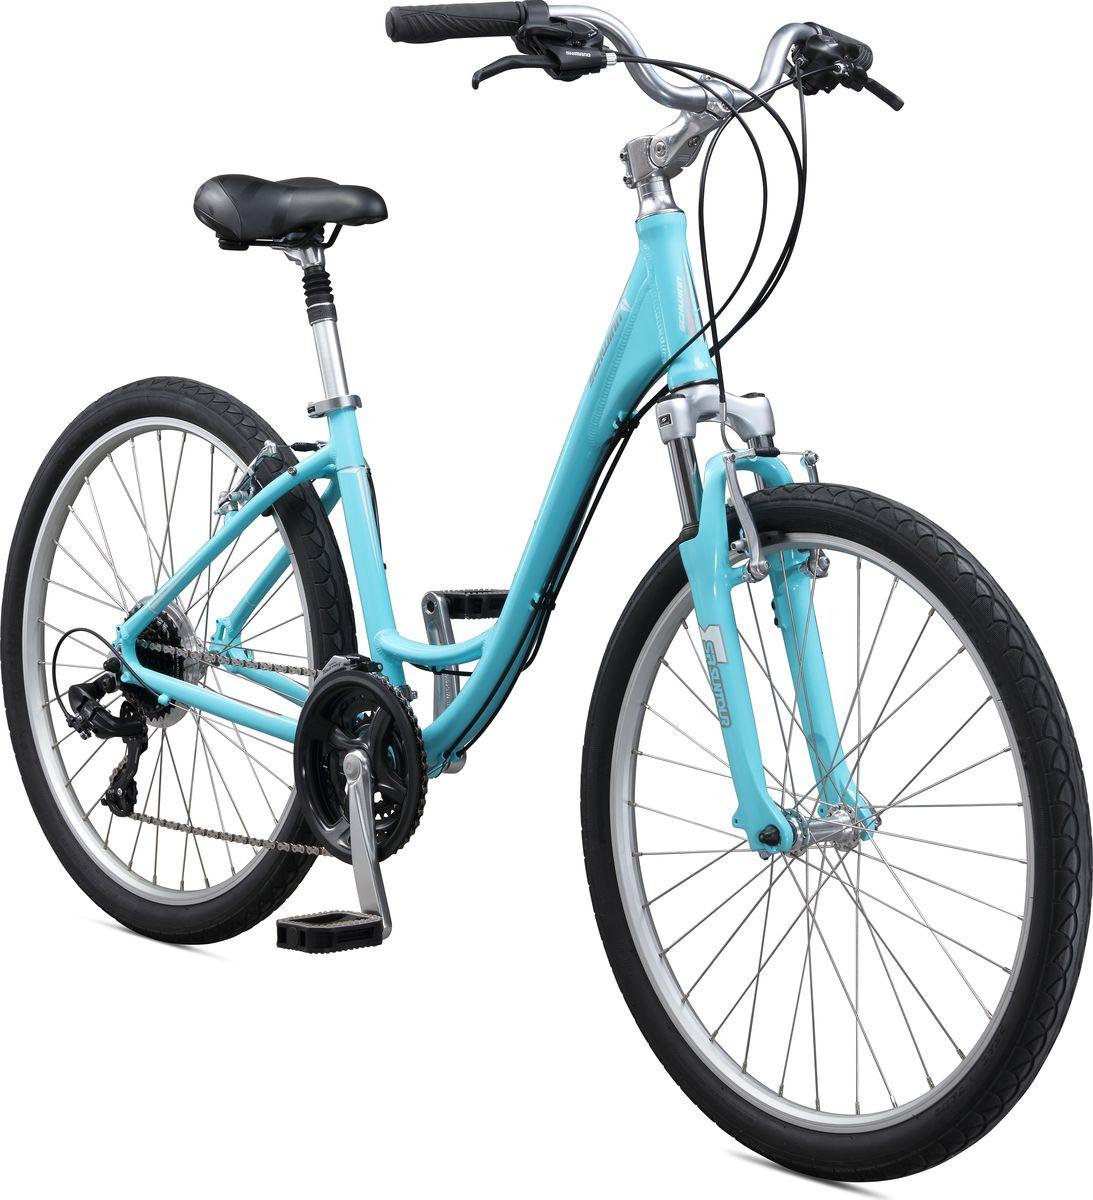 Велосипед городской Schwinn Sierra Women, колесо 26, рама S, голубой вилка амортизационная suntour гидравлическая для велосипедов 26 ход 100 120мм sf14 xcr32 rl 26